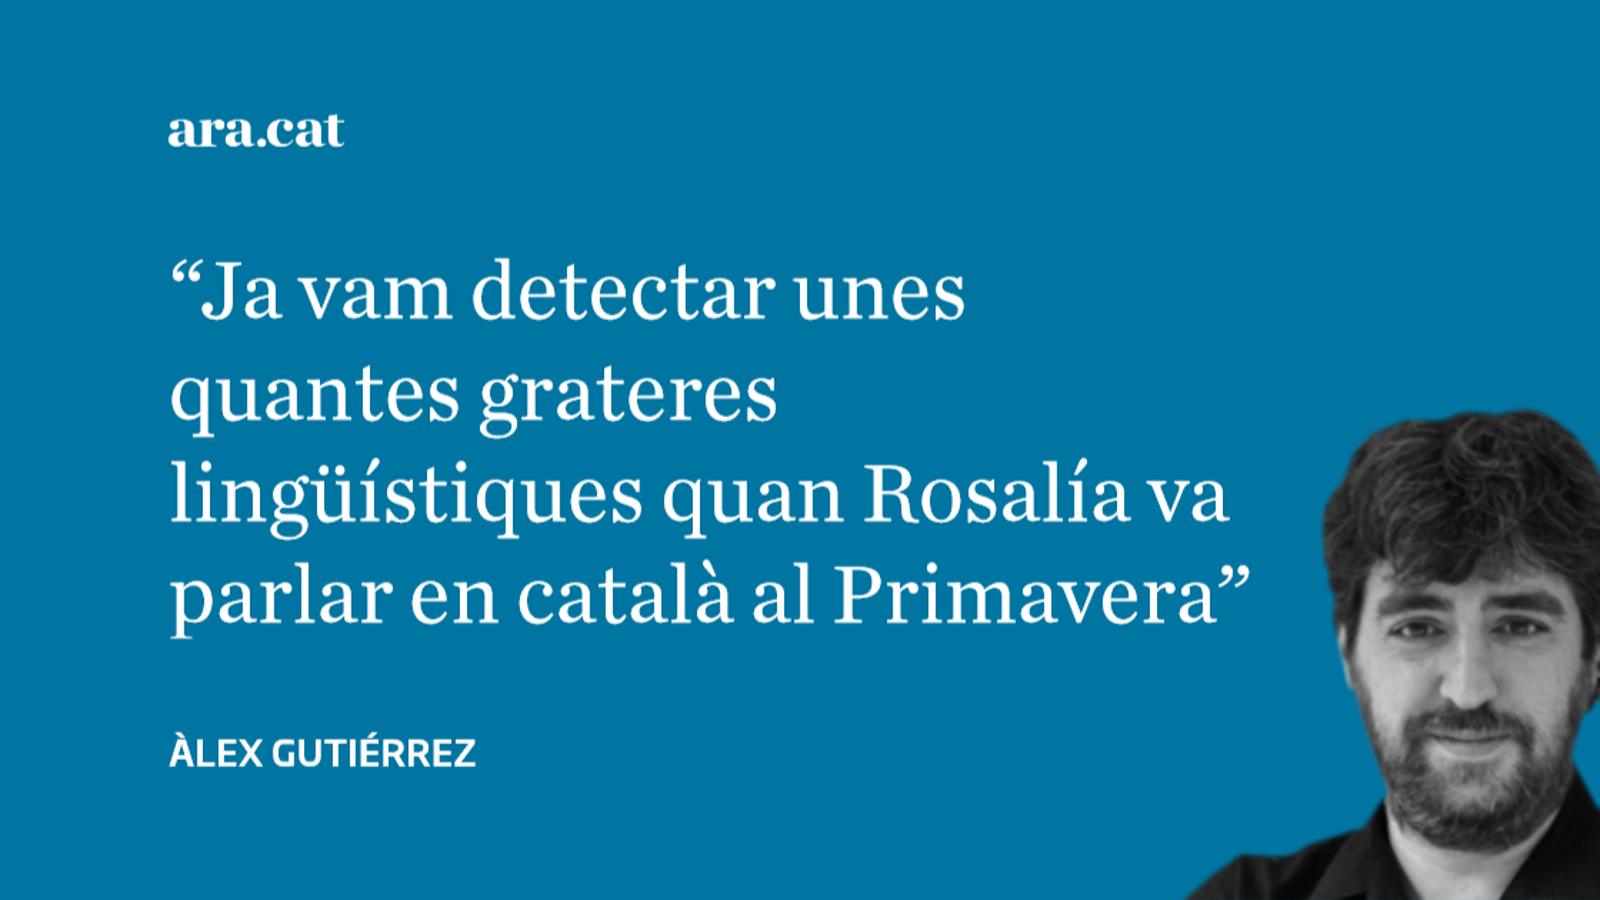 'Crónica Global' contra Rosalía, perquè canta en català